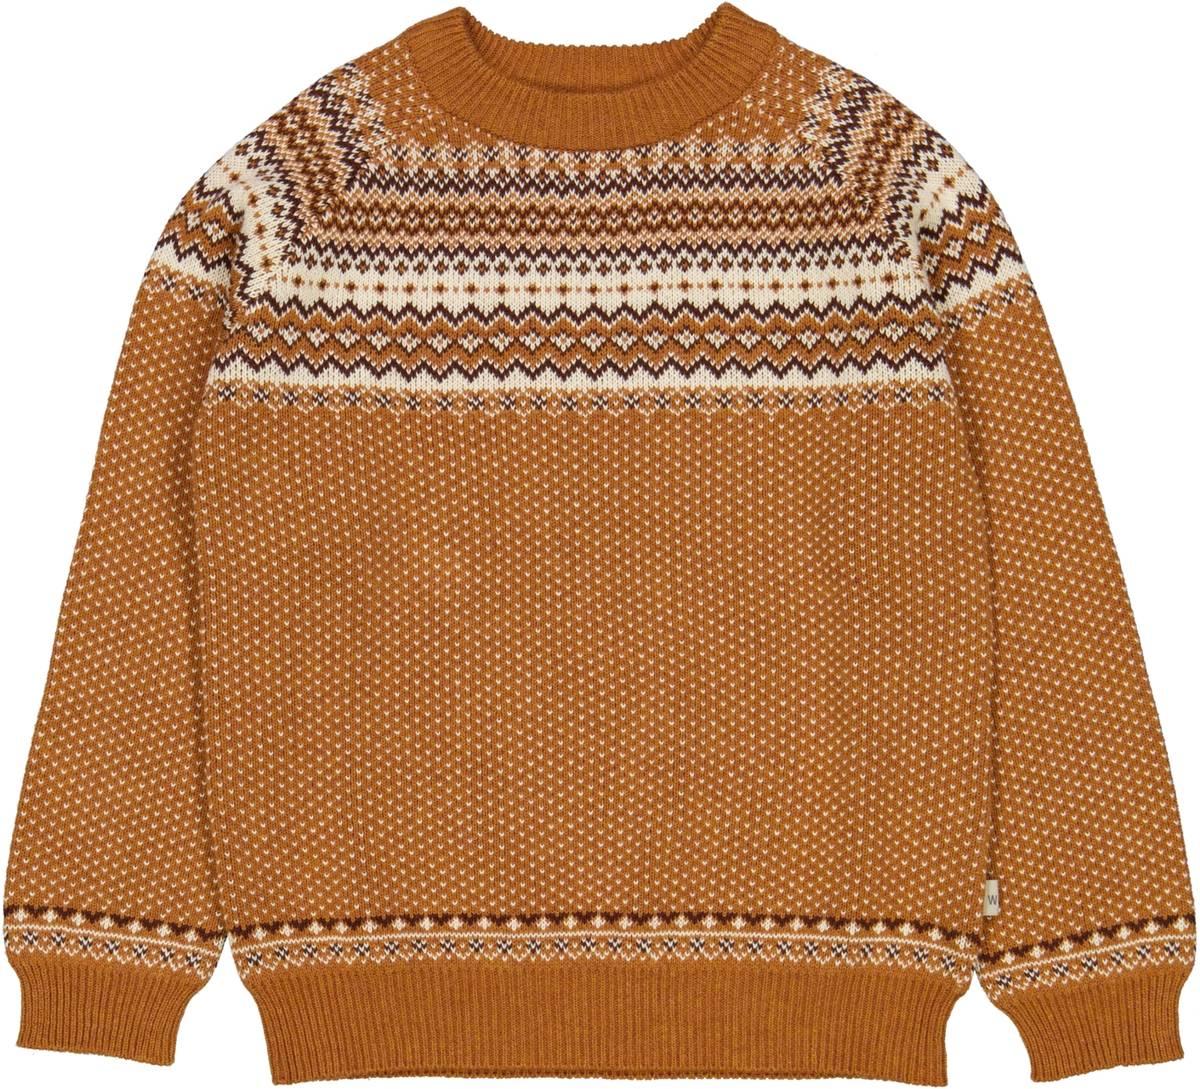 Wheat knit pullover Bennie - cinnamon melange